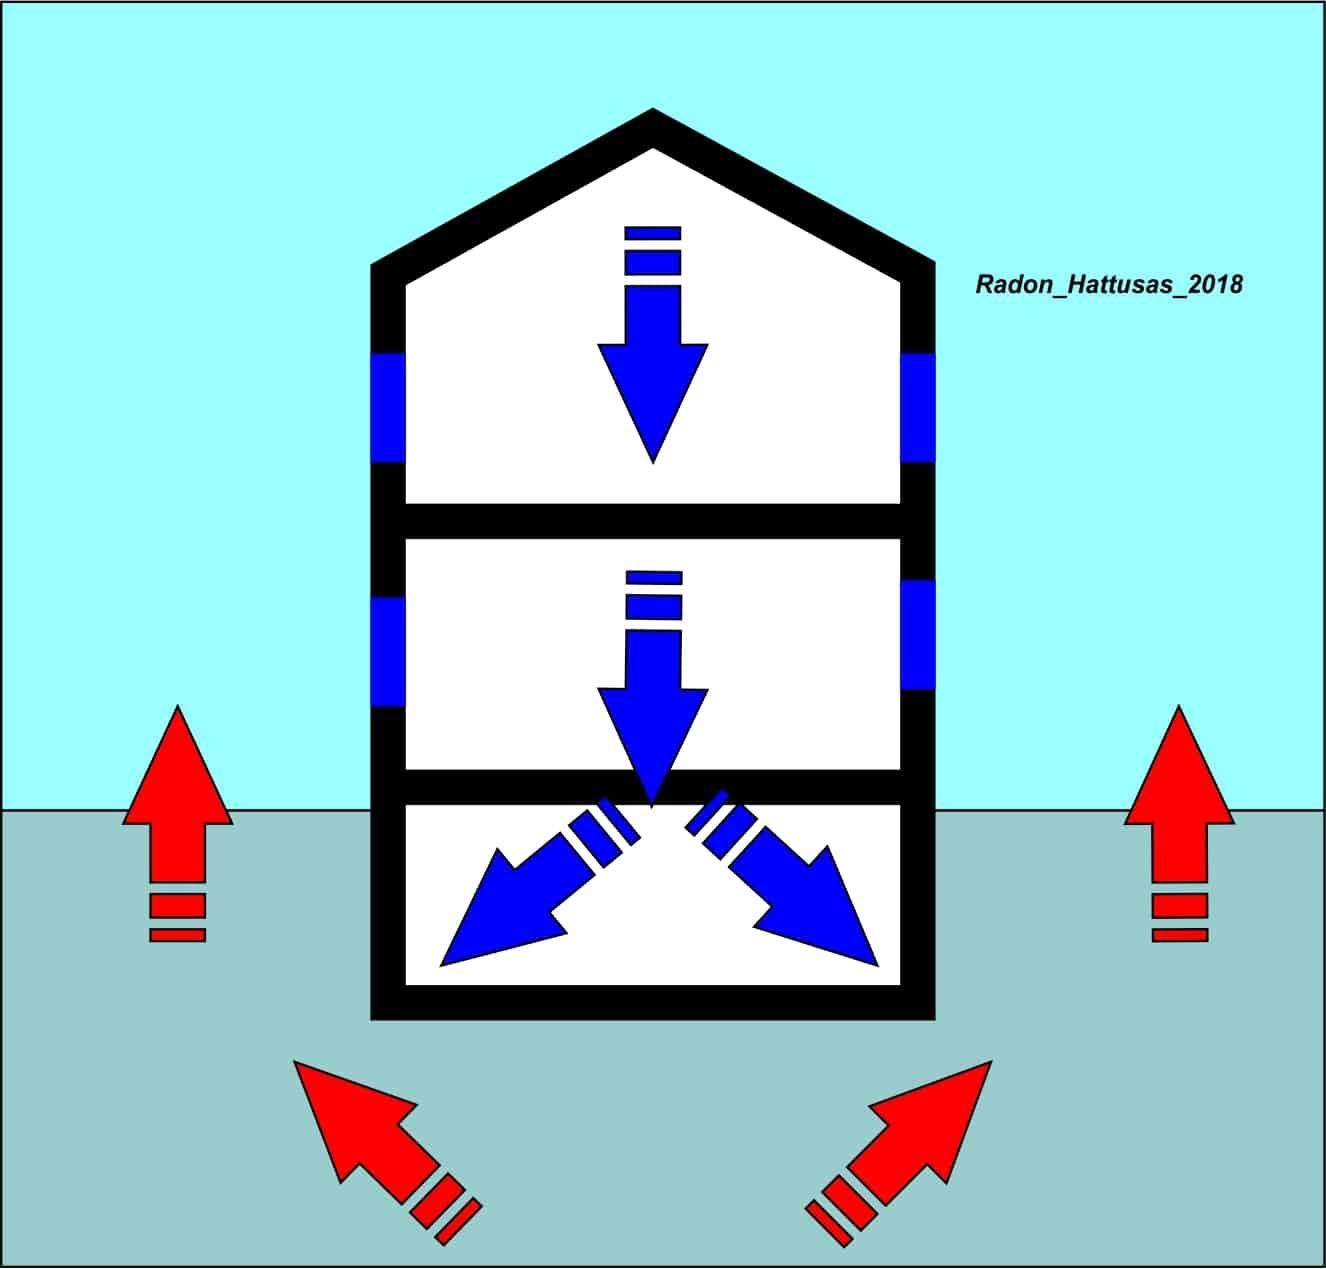 Hattusas - Radon - Tecniche di Bonifica e Risanamento - Messa in sovrapressione dell'edificio